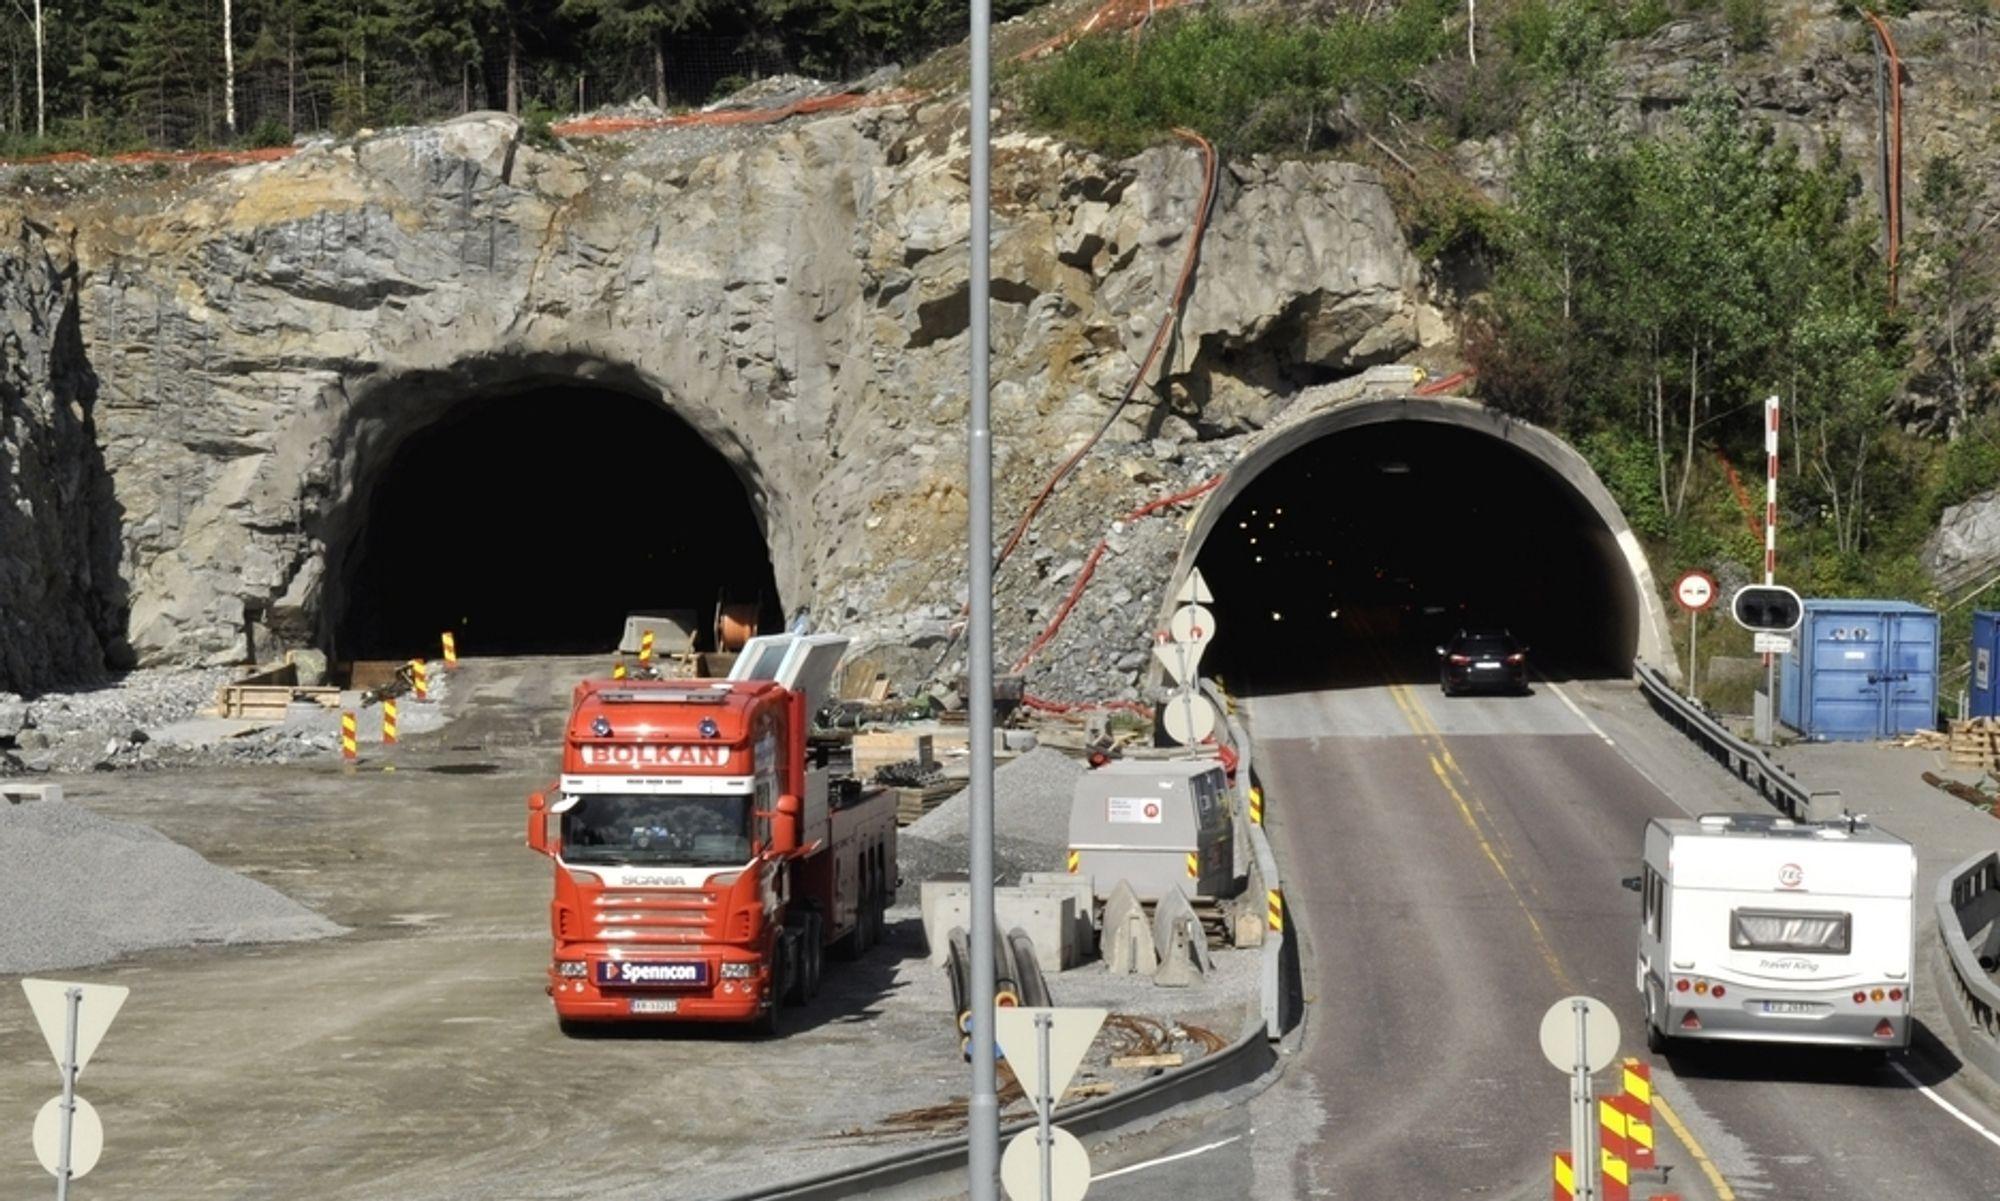 Aventi Technology har gitt det laveste anbudet på levering og montering av utstyr for styring, regulering og overvåkning i begge løpene i Eidsvolltunnelen.